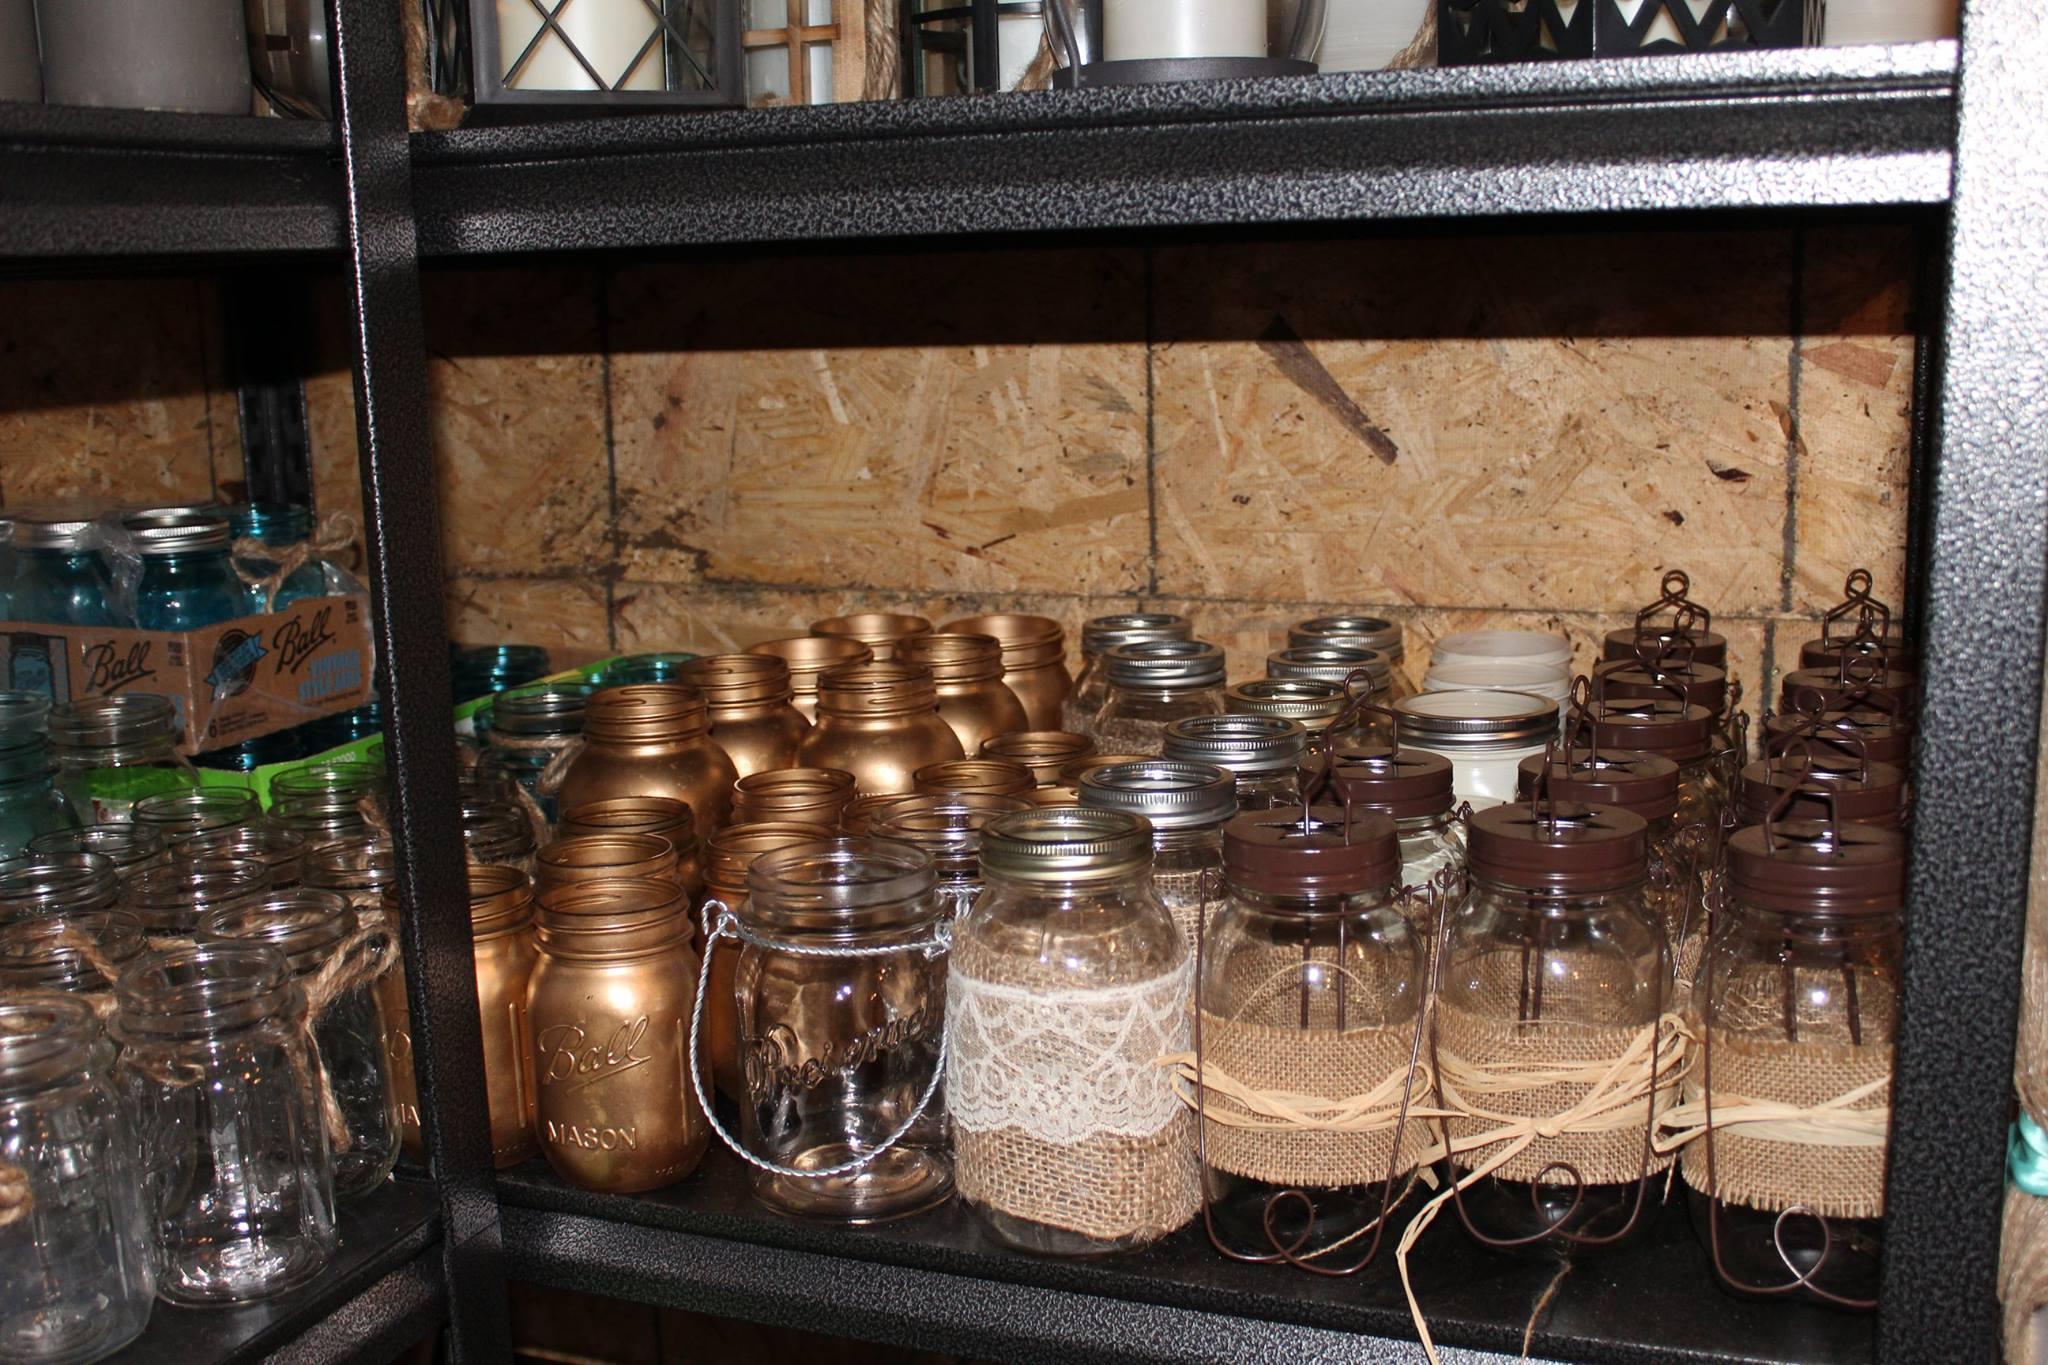 #47 - Styled Mason Jars